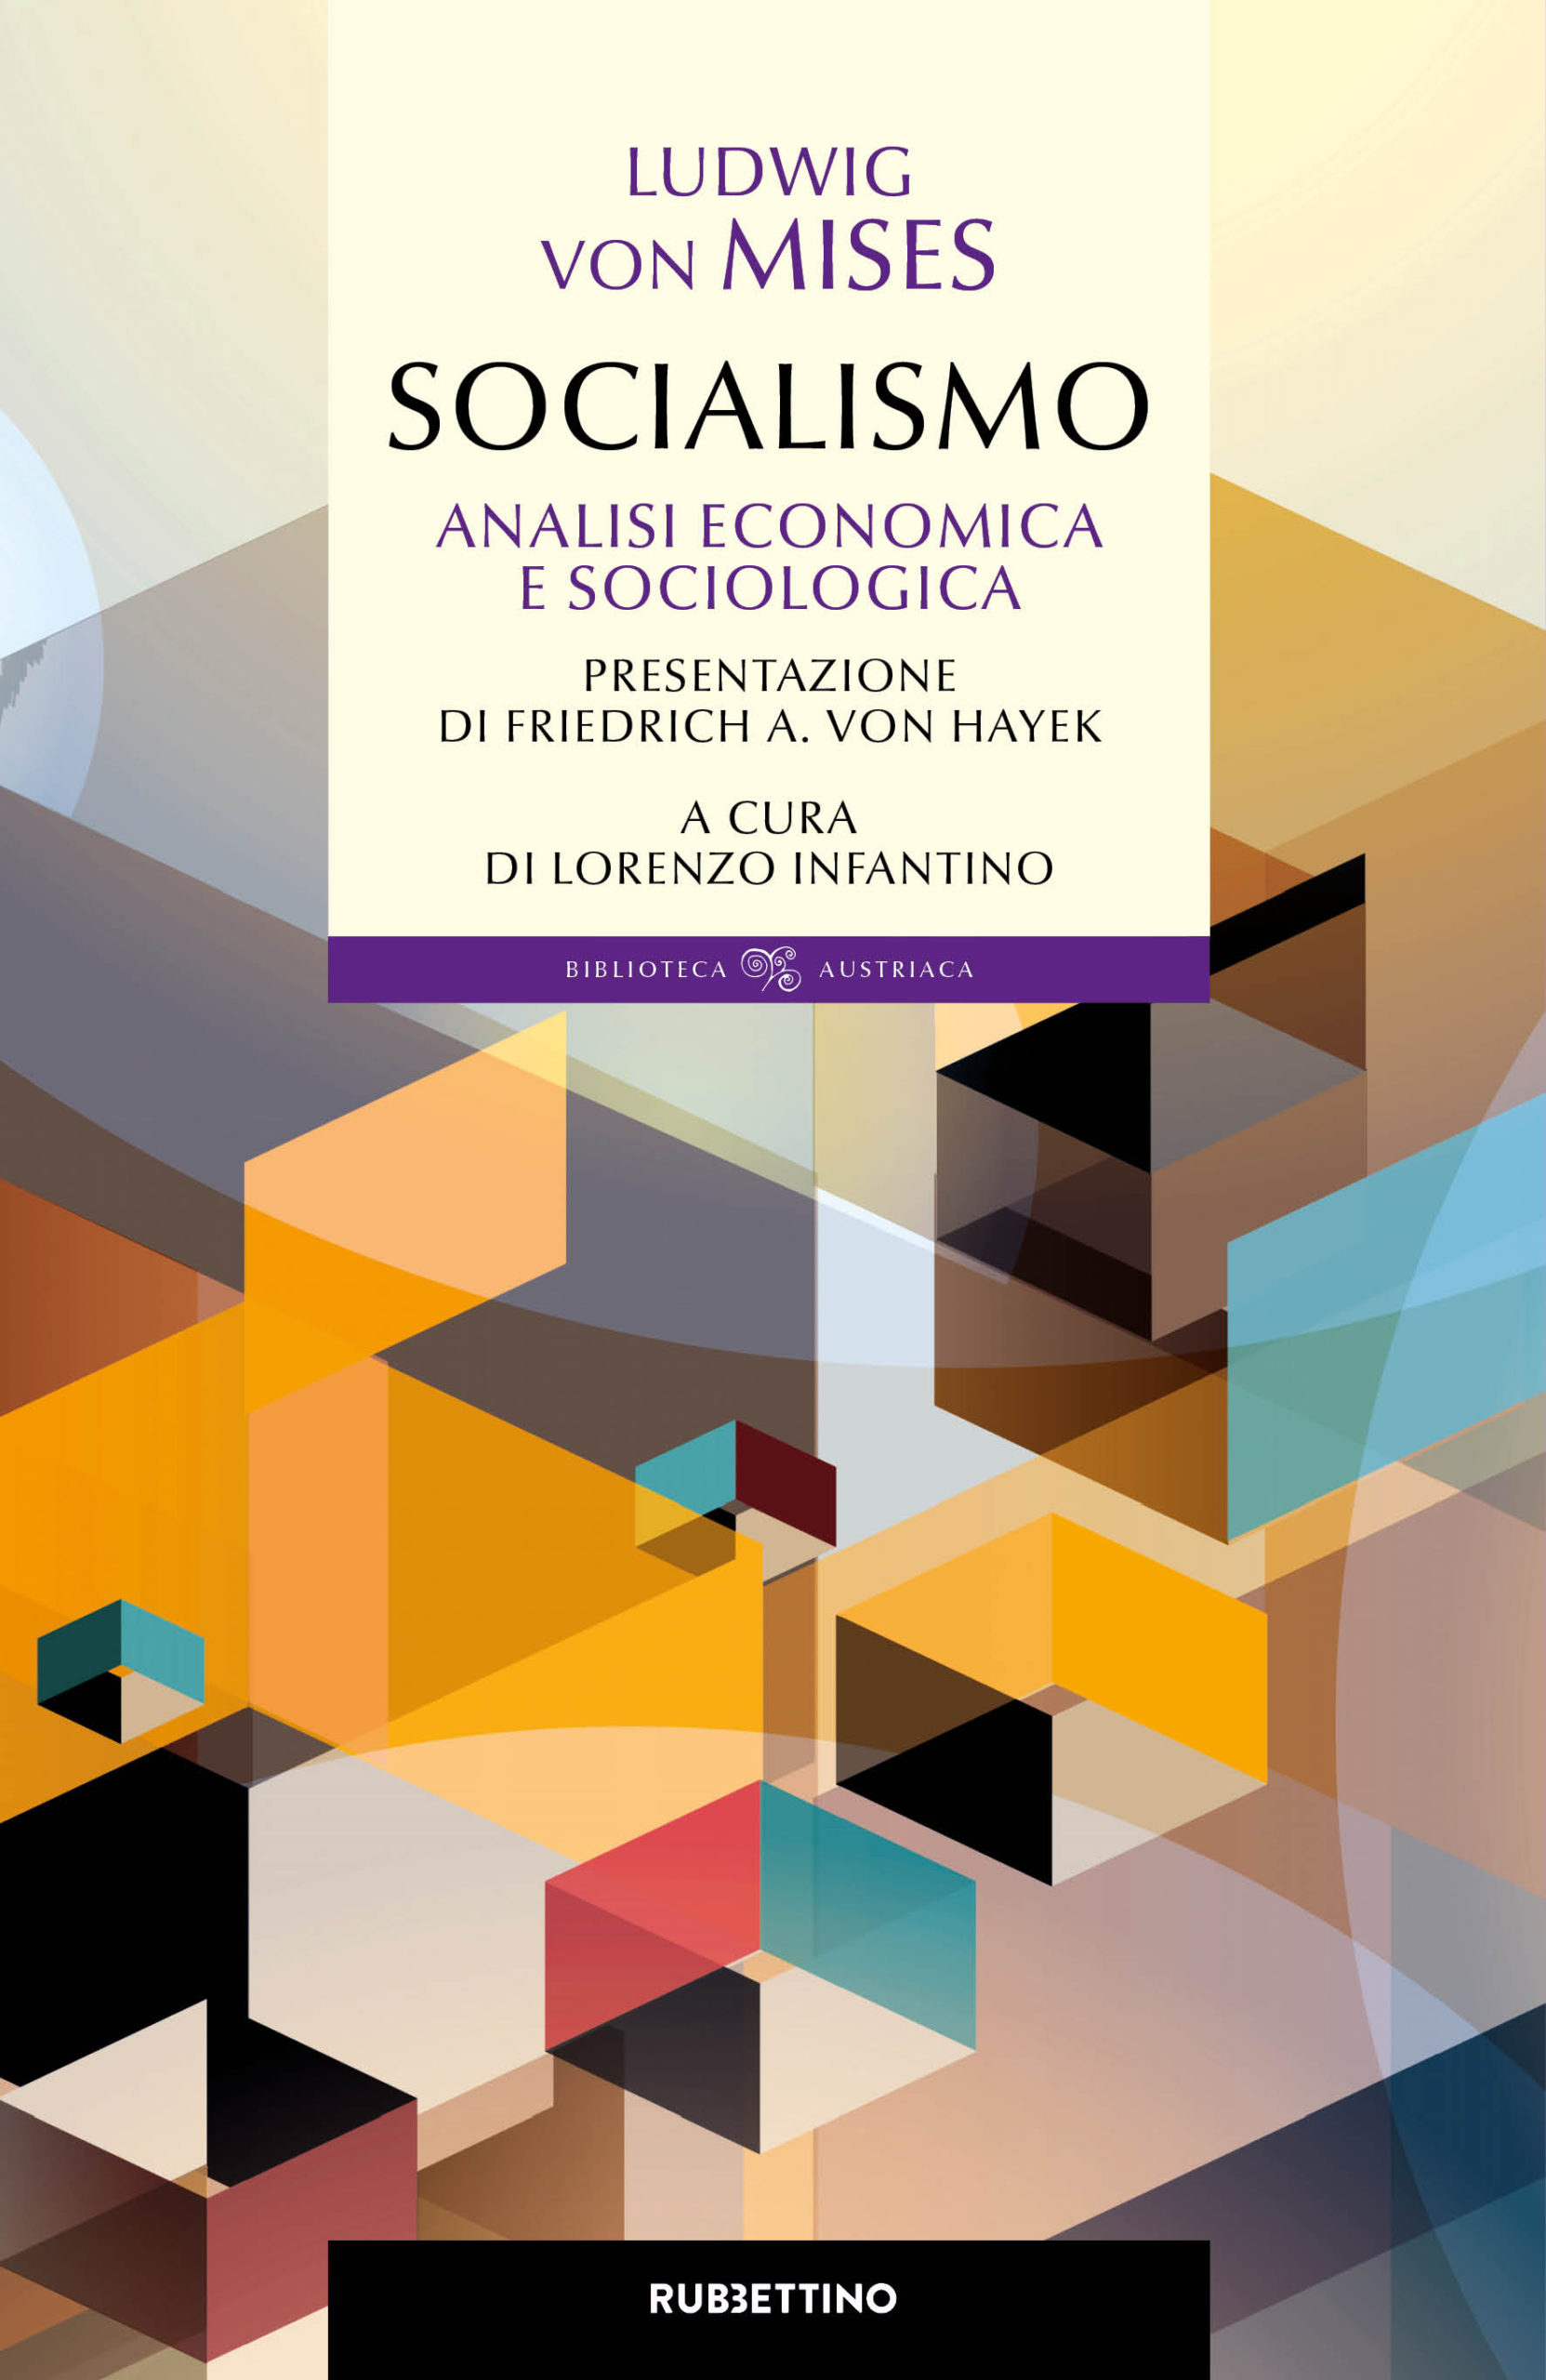 Socialismo. Analisi economica e sociologica – Ludwig von Mises, a cura di Lorenzo Infantino